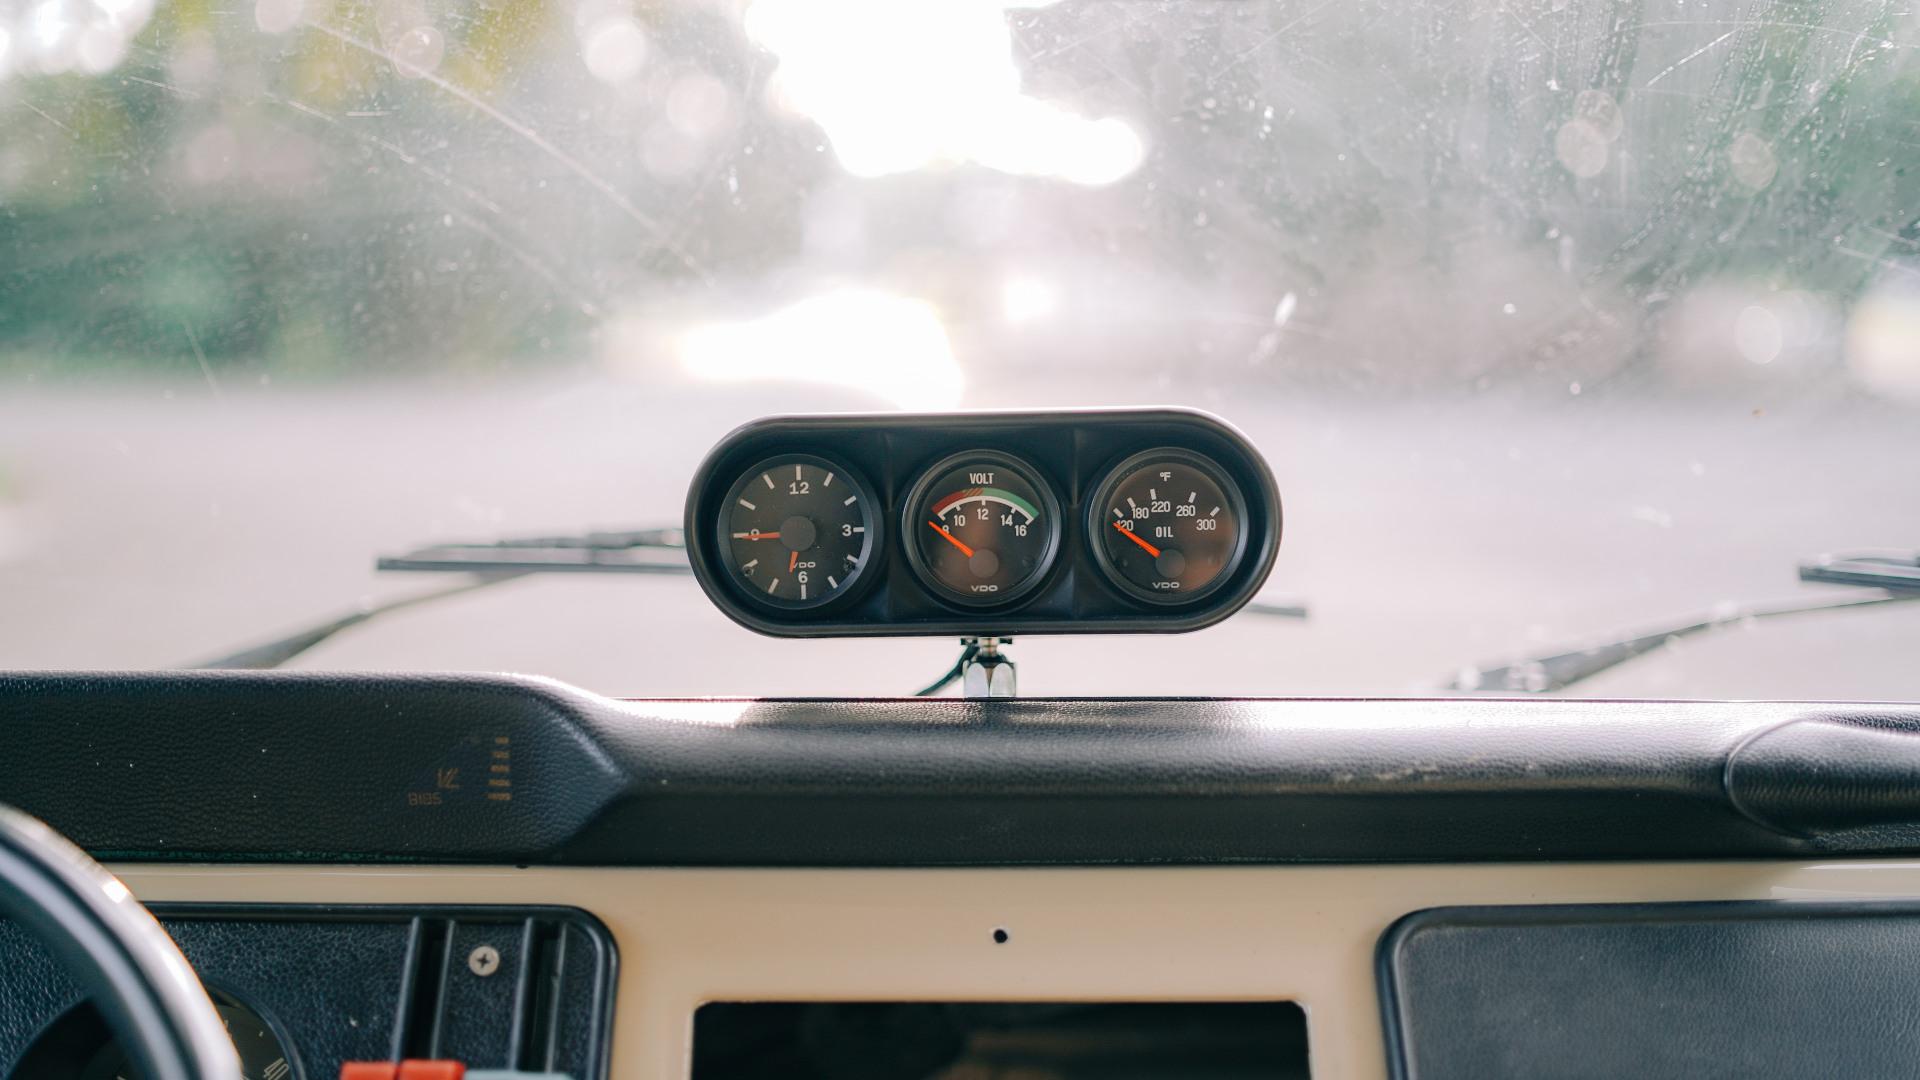 Volkswagen Type 2 dashboard odometer